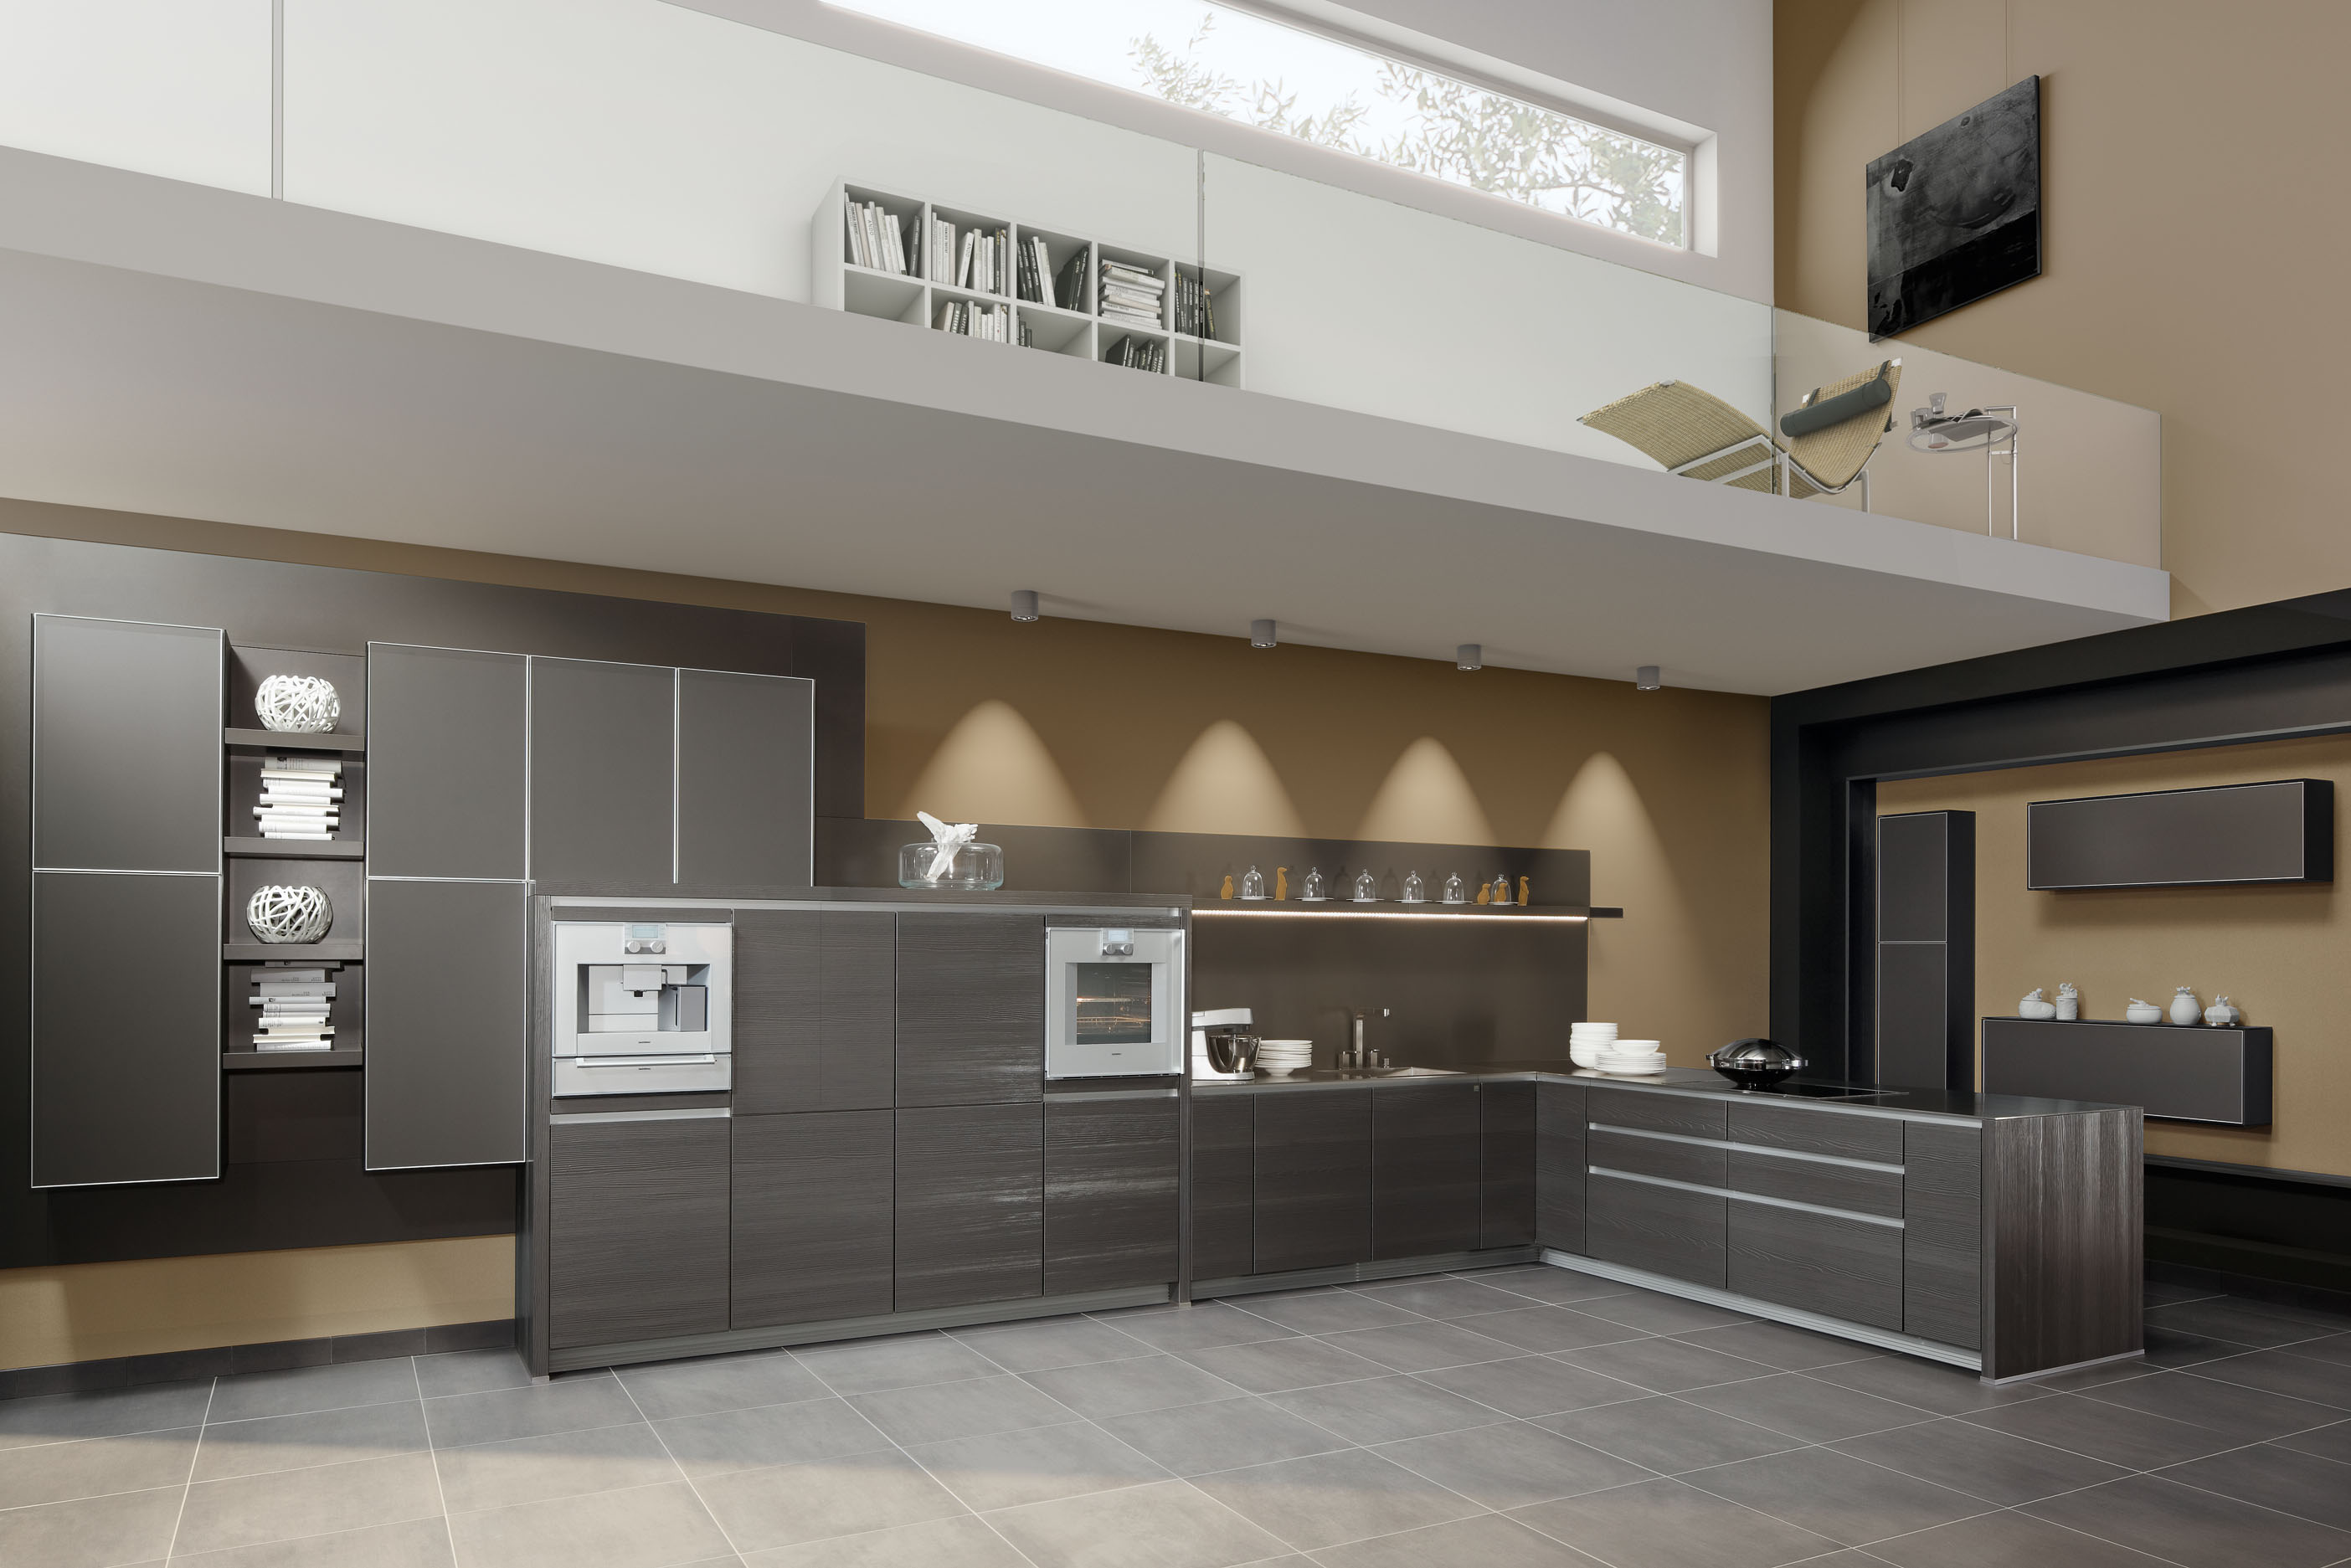 De designkeukens van zeyko   nieuws startpagina voor keuken ideeën ...